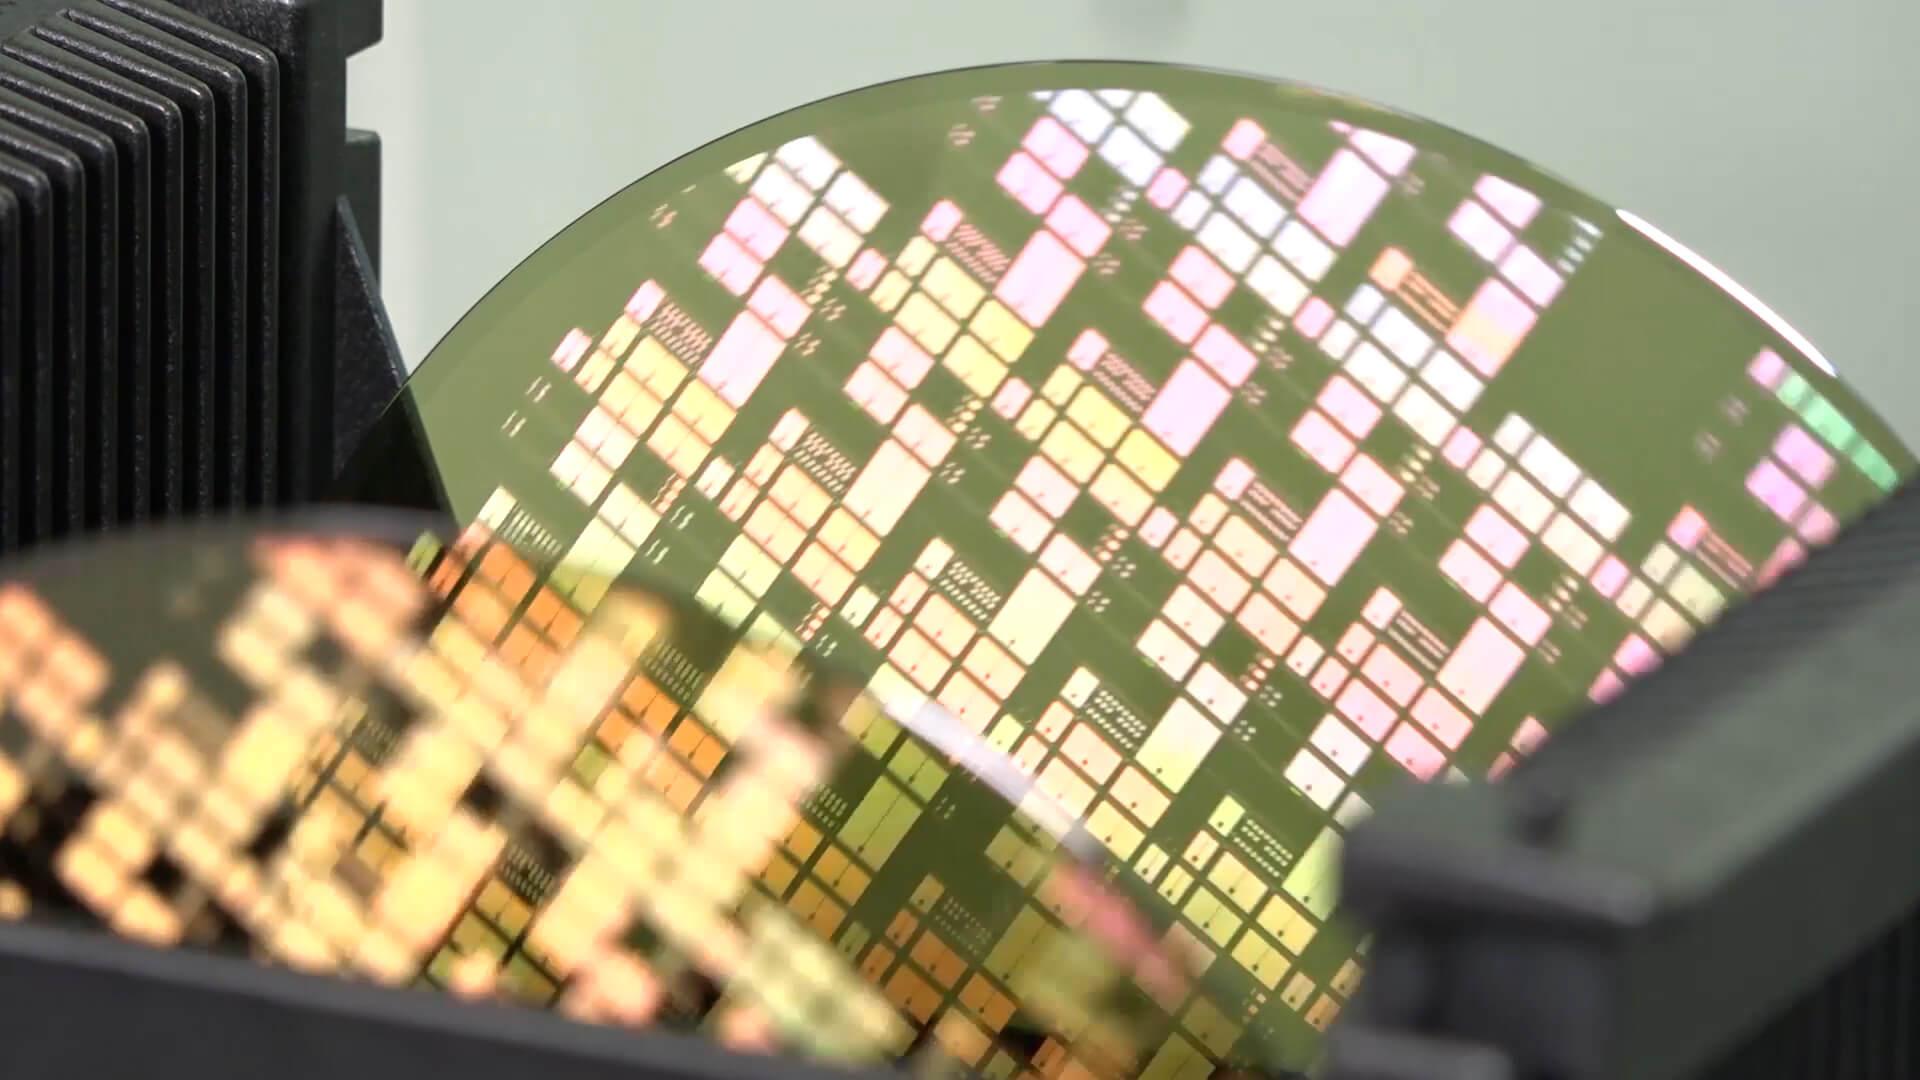 Bosch изготовит карбидокремниевые чипы для электромобилей